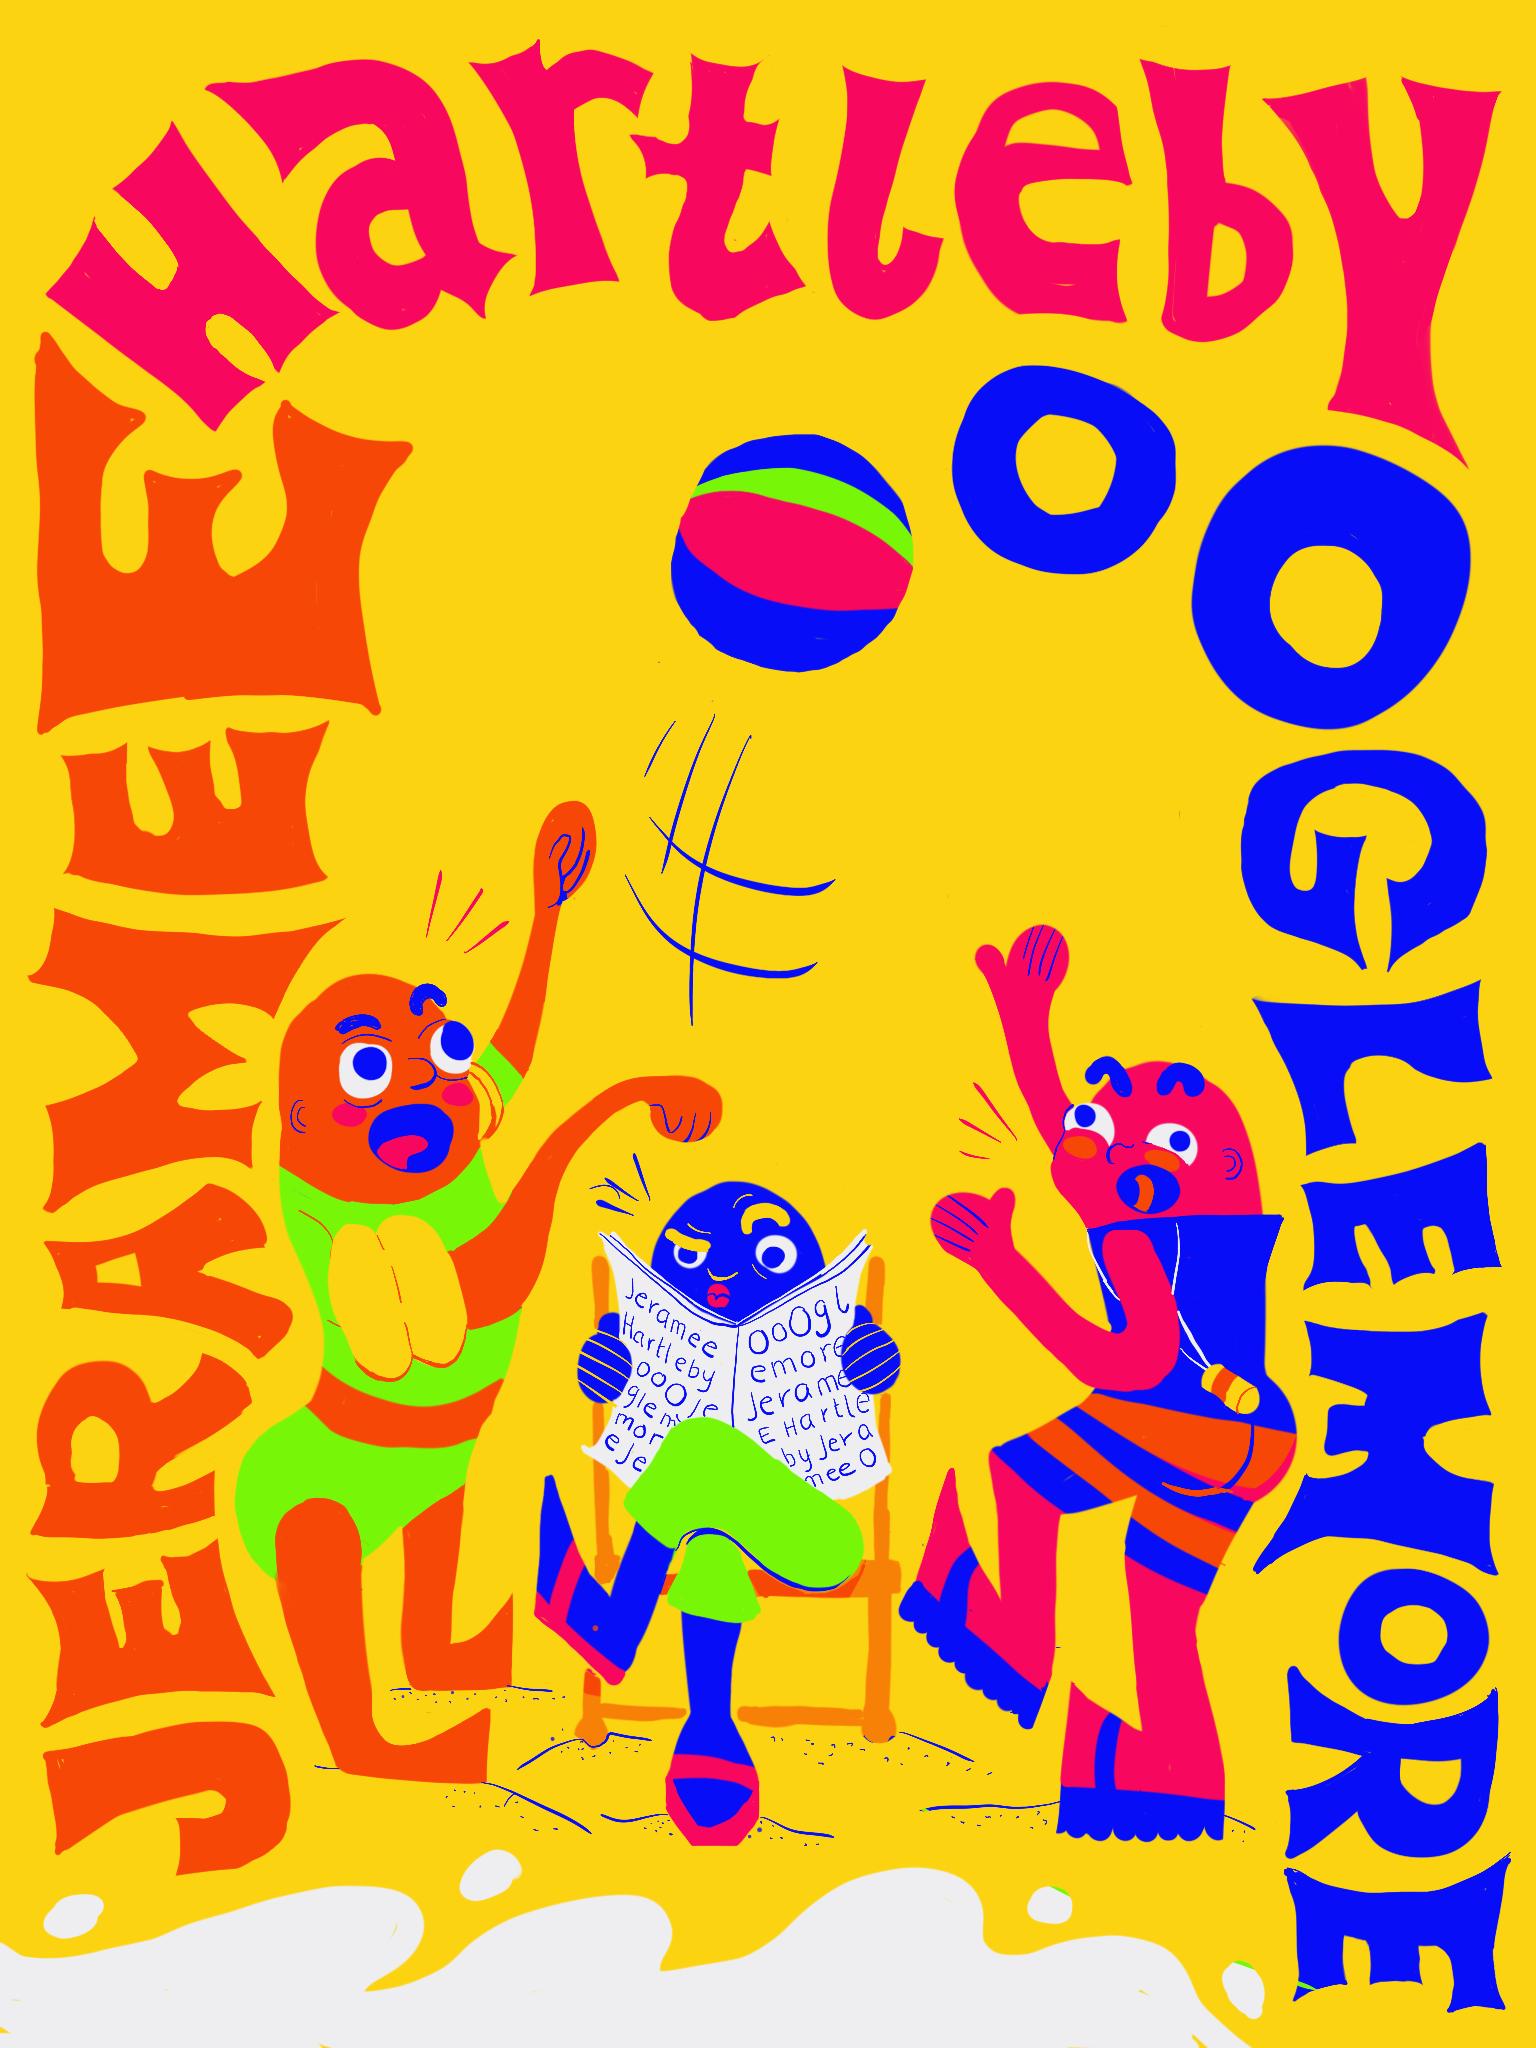 Jeramee, Hartleby and Ooglemore post